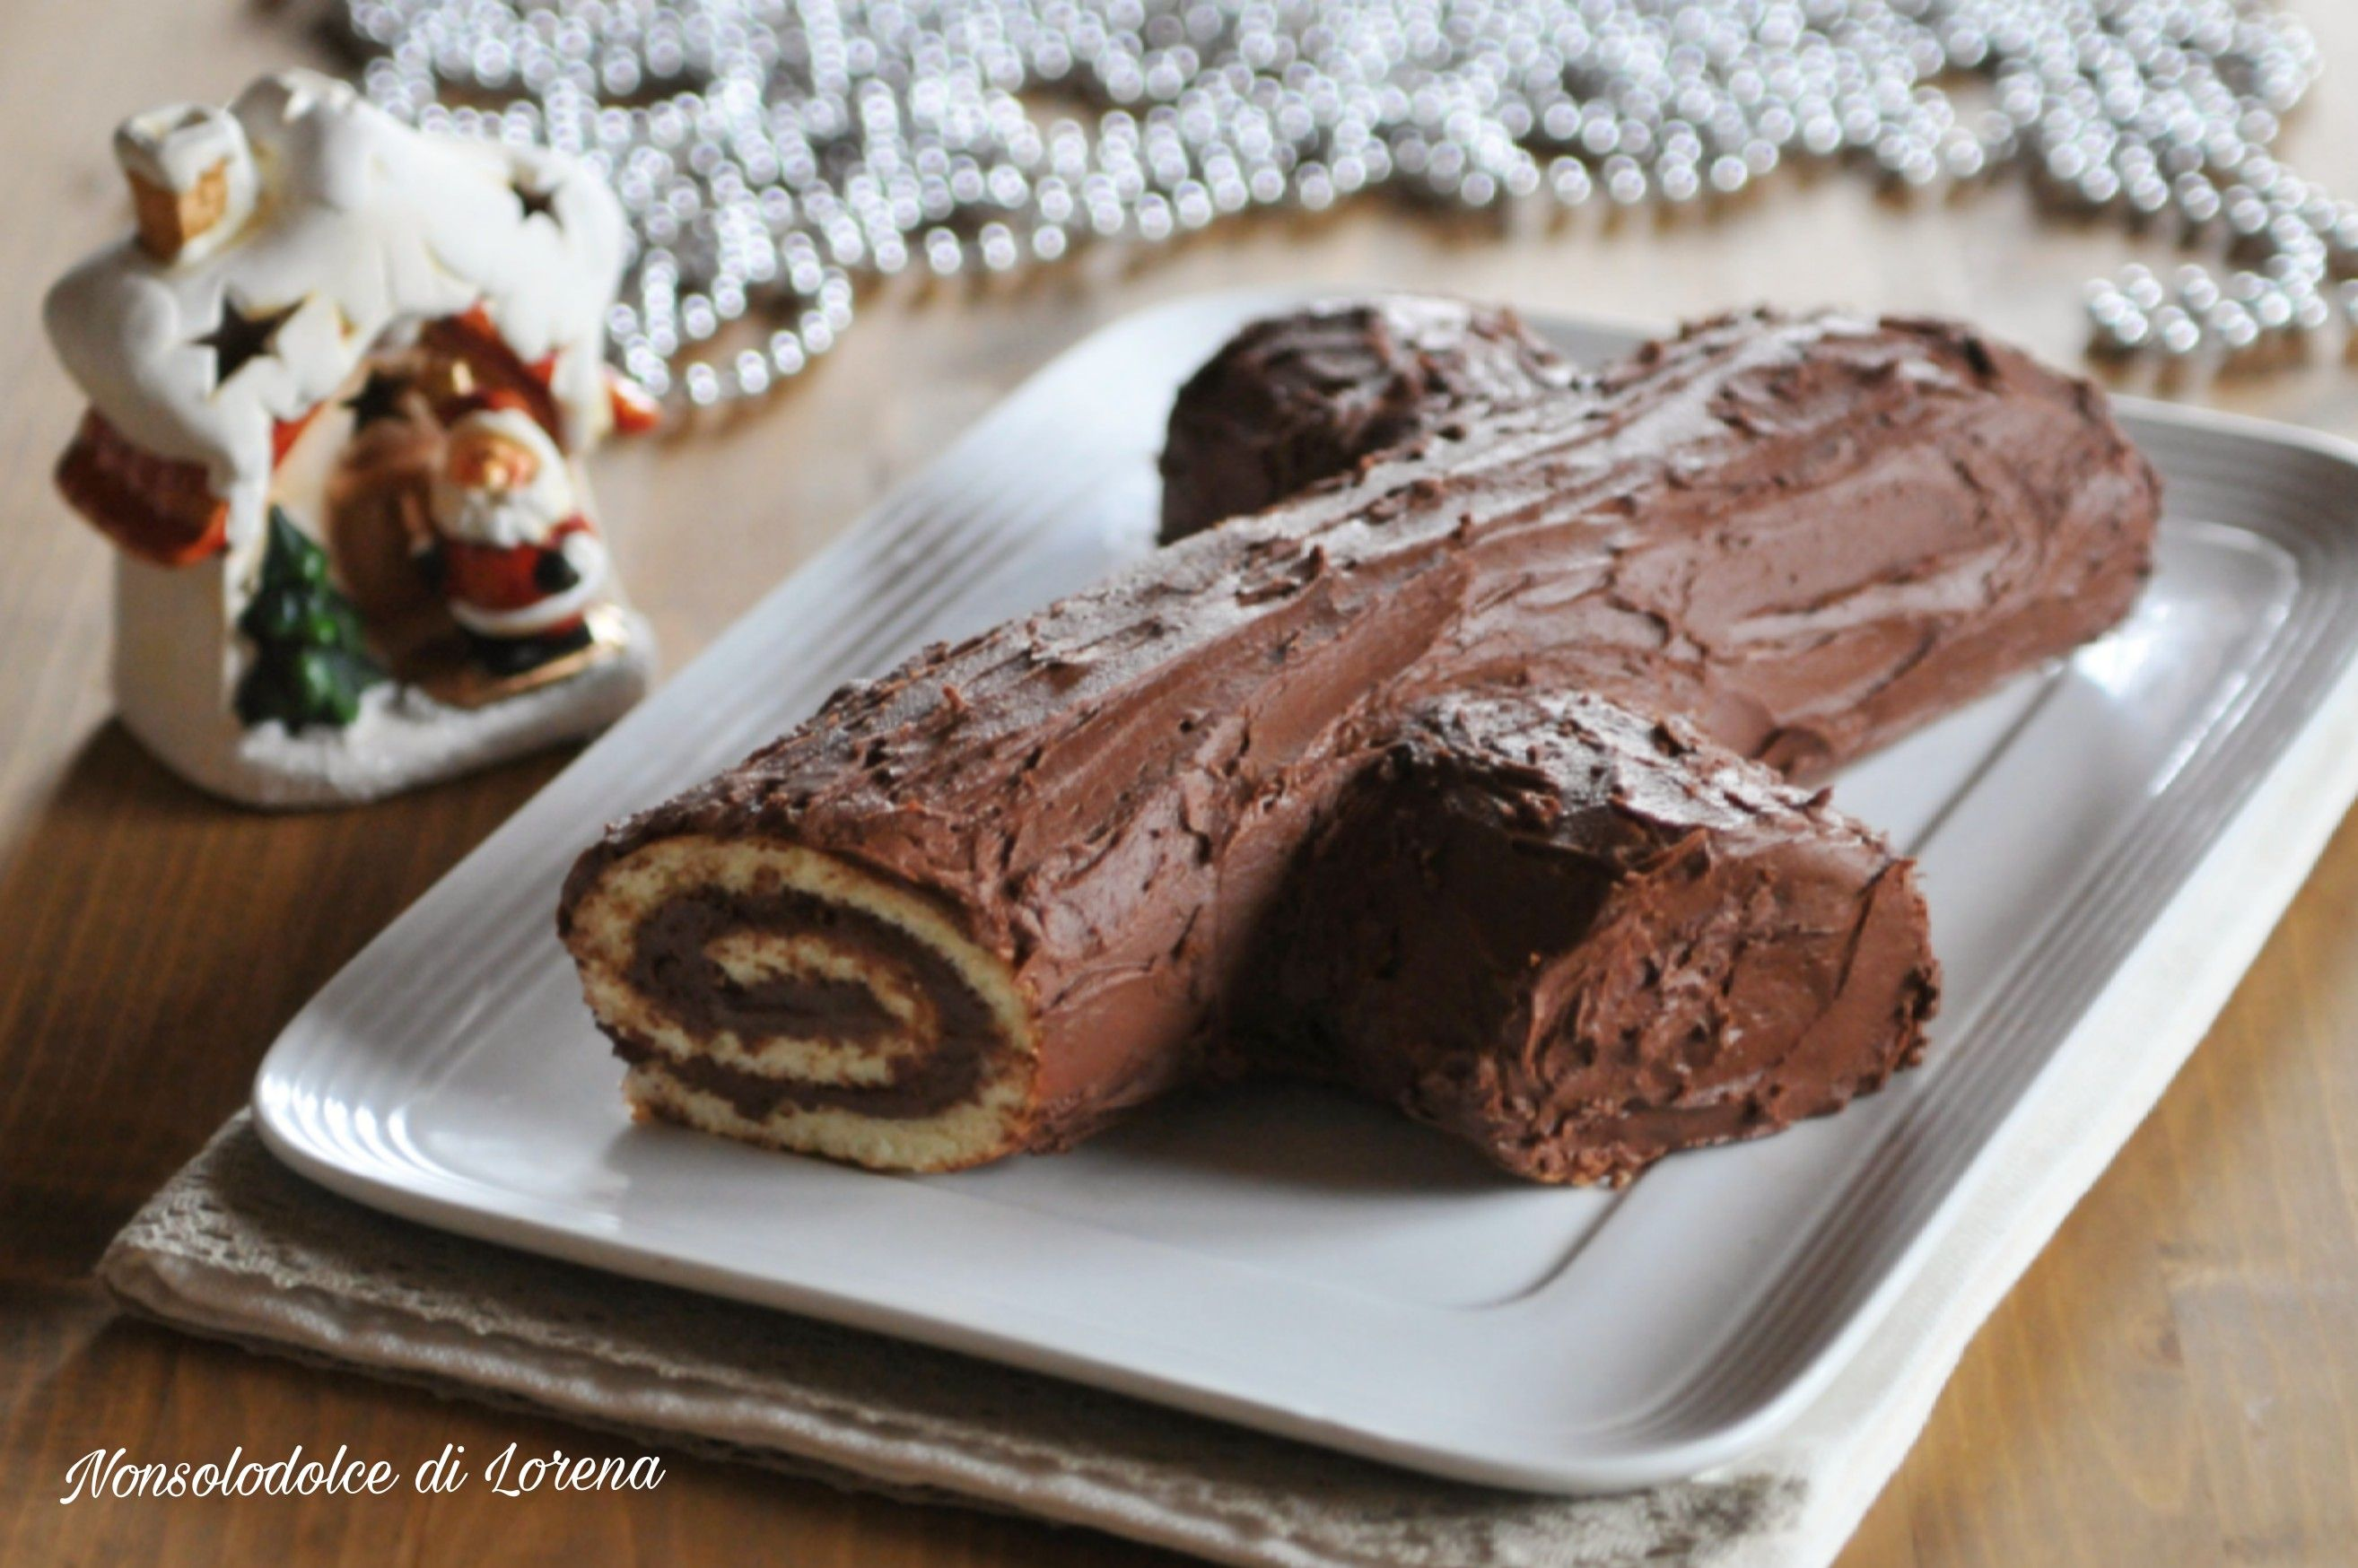 Tronchetto Di Natale Leggero.Tronchetto Di Natale Al Cioccolato Dolce Golosissimo Delle Feste